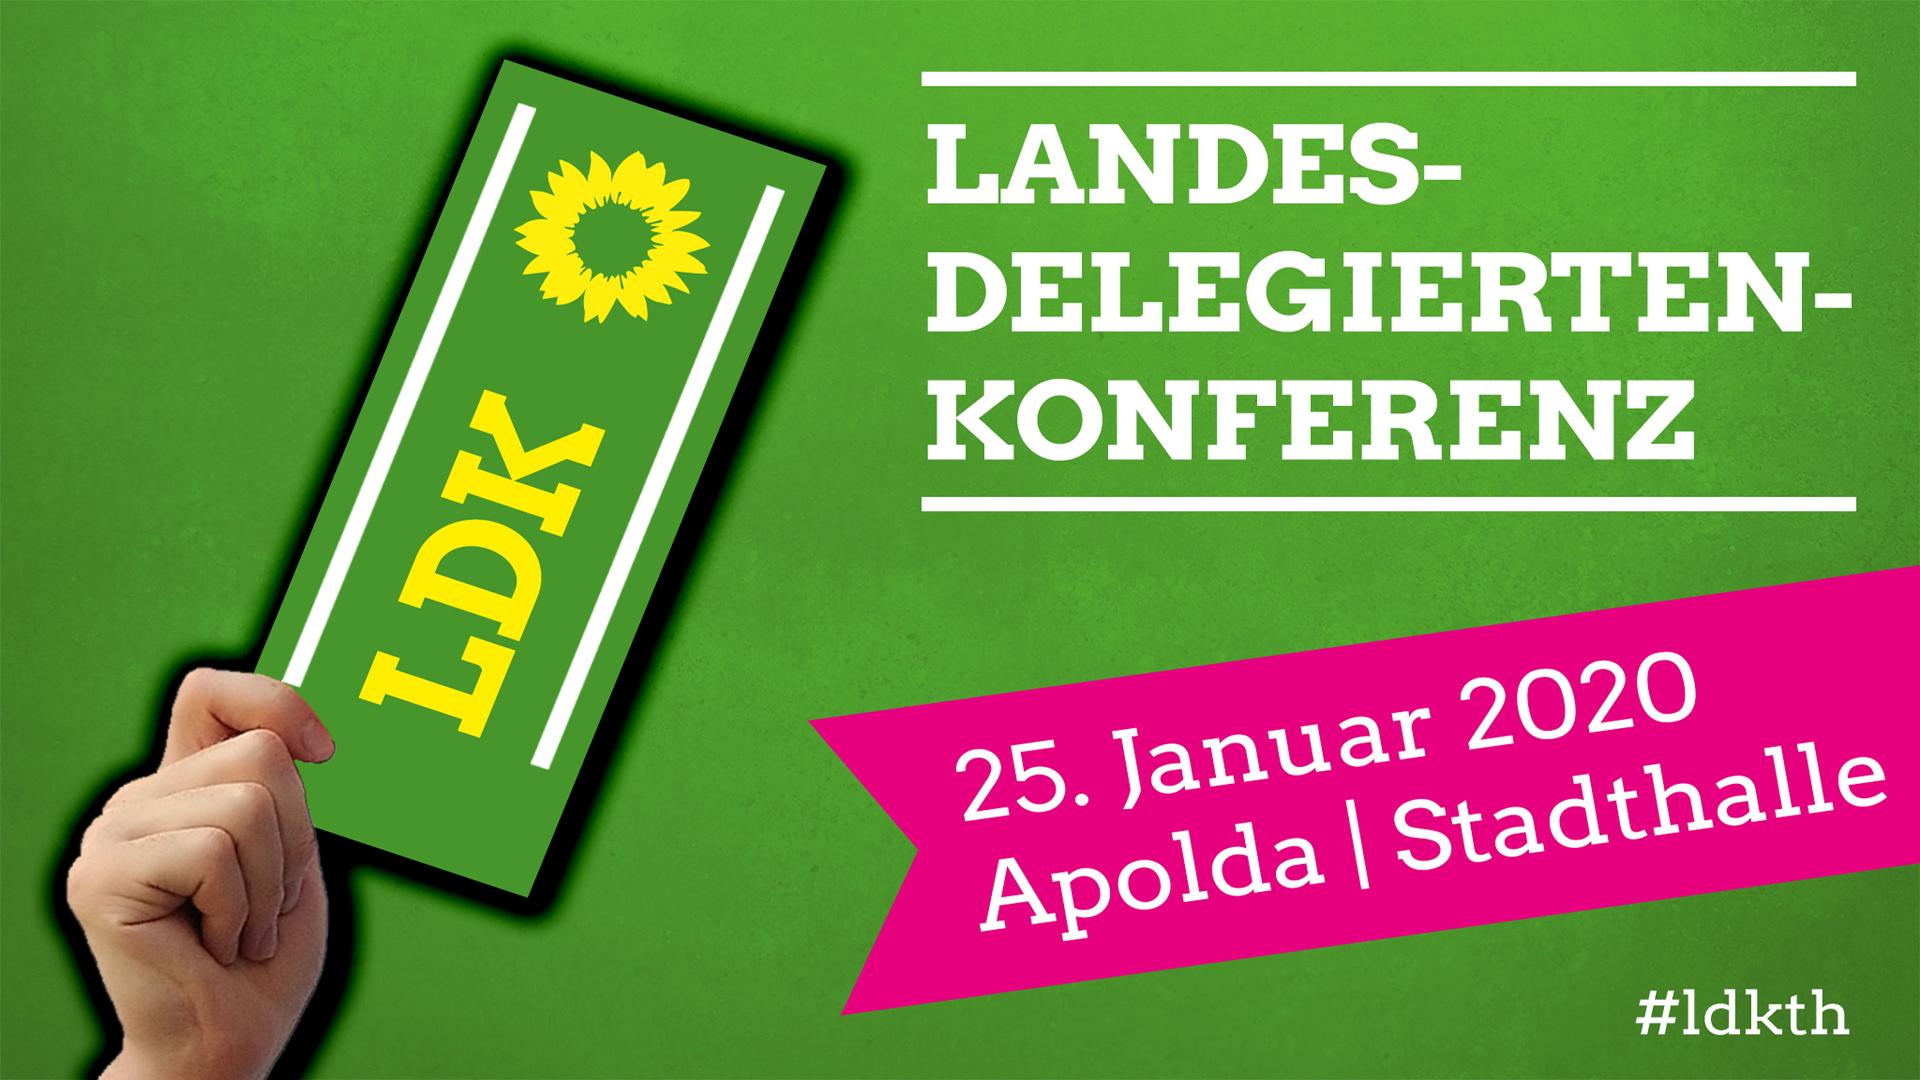 LDK | 25. Januar 2020